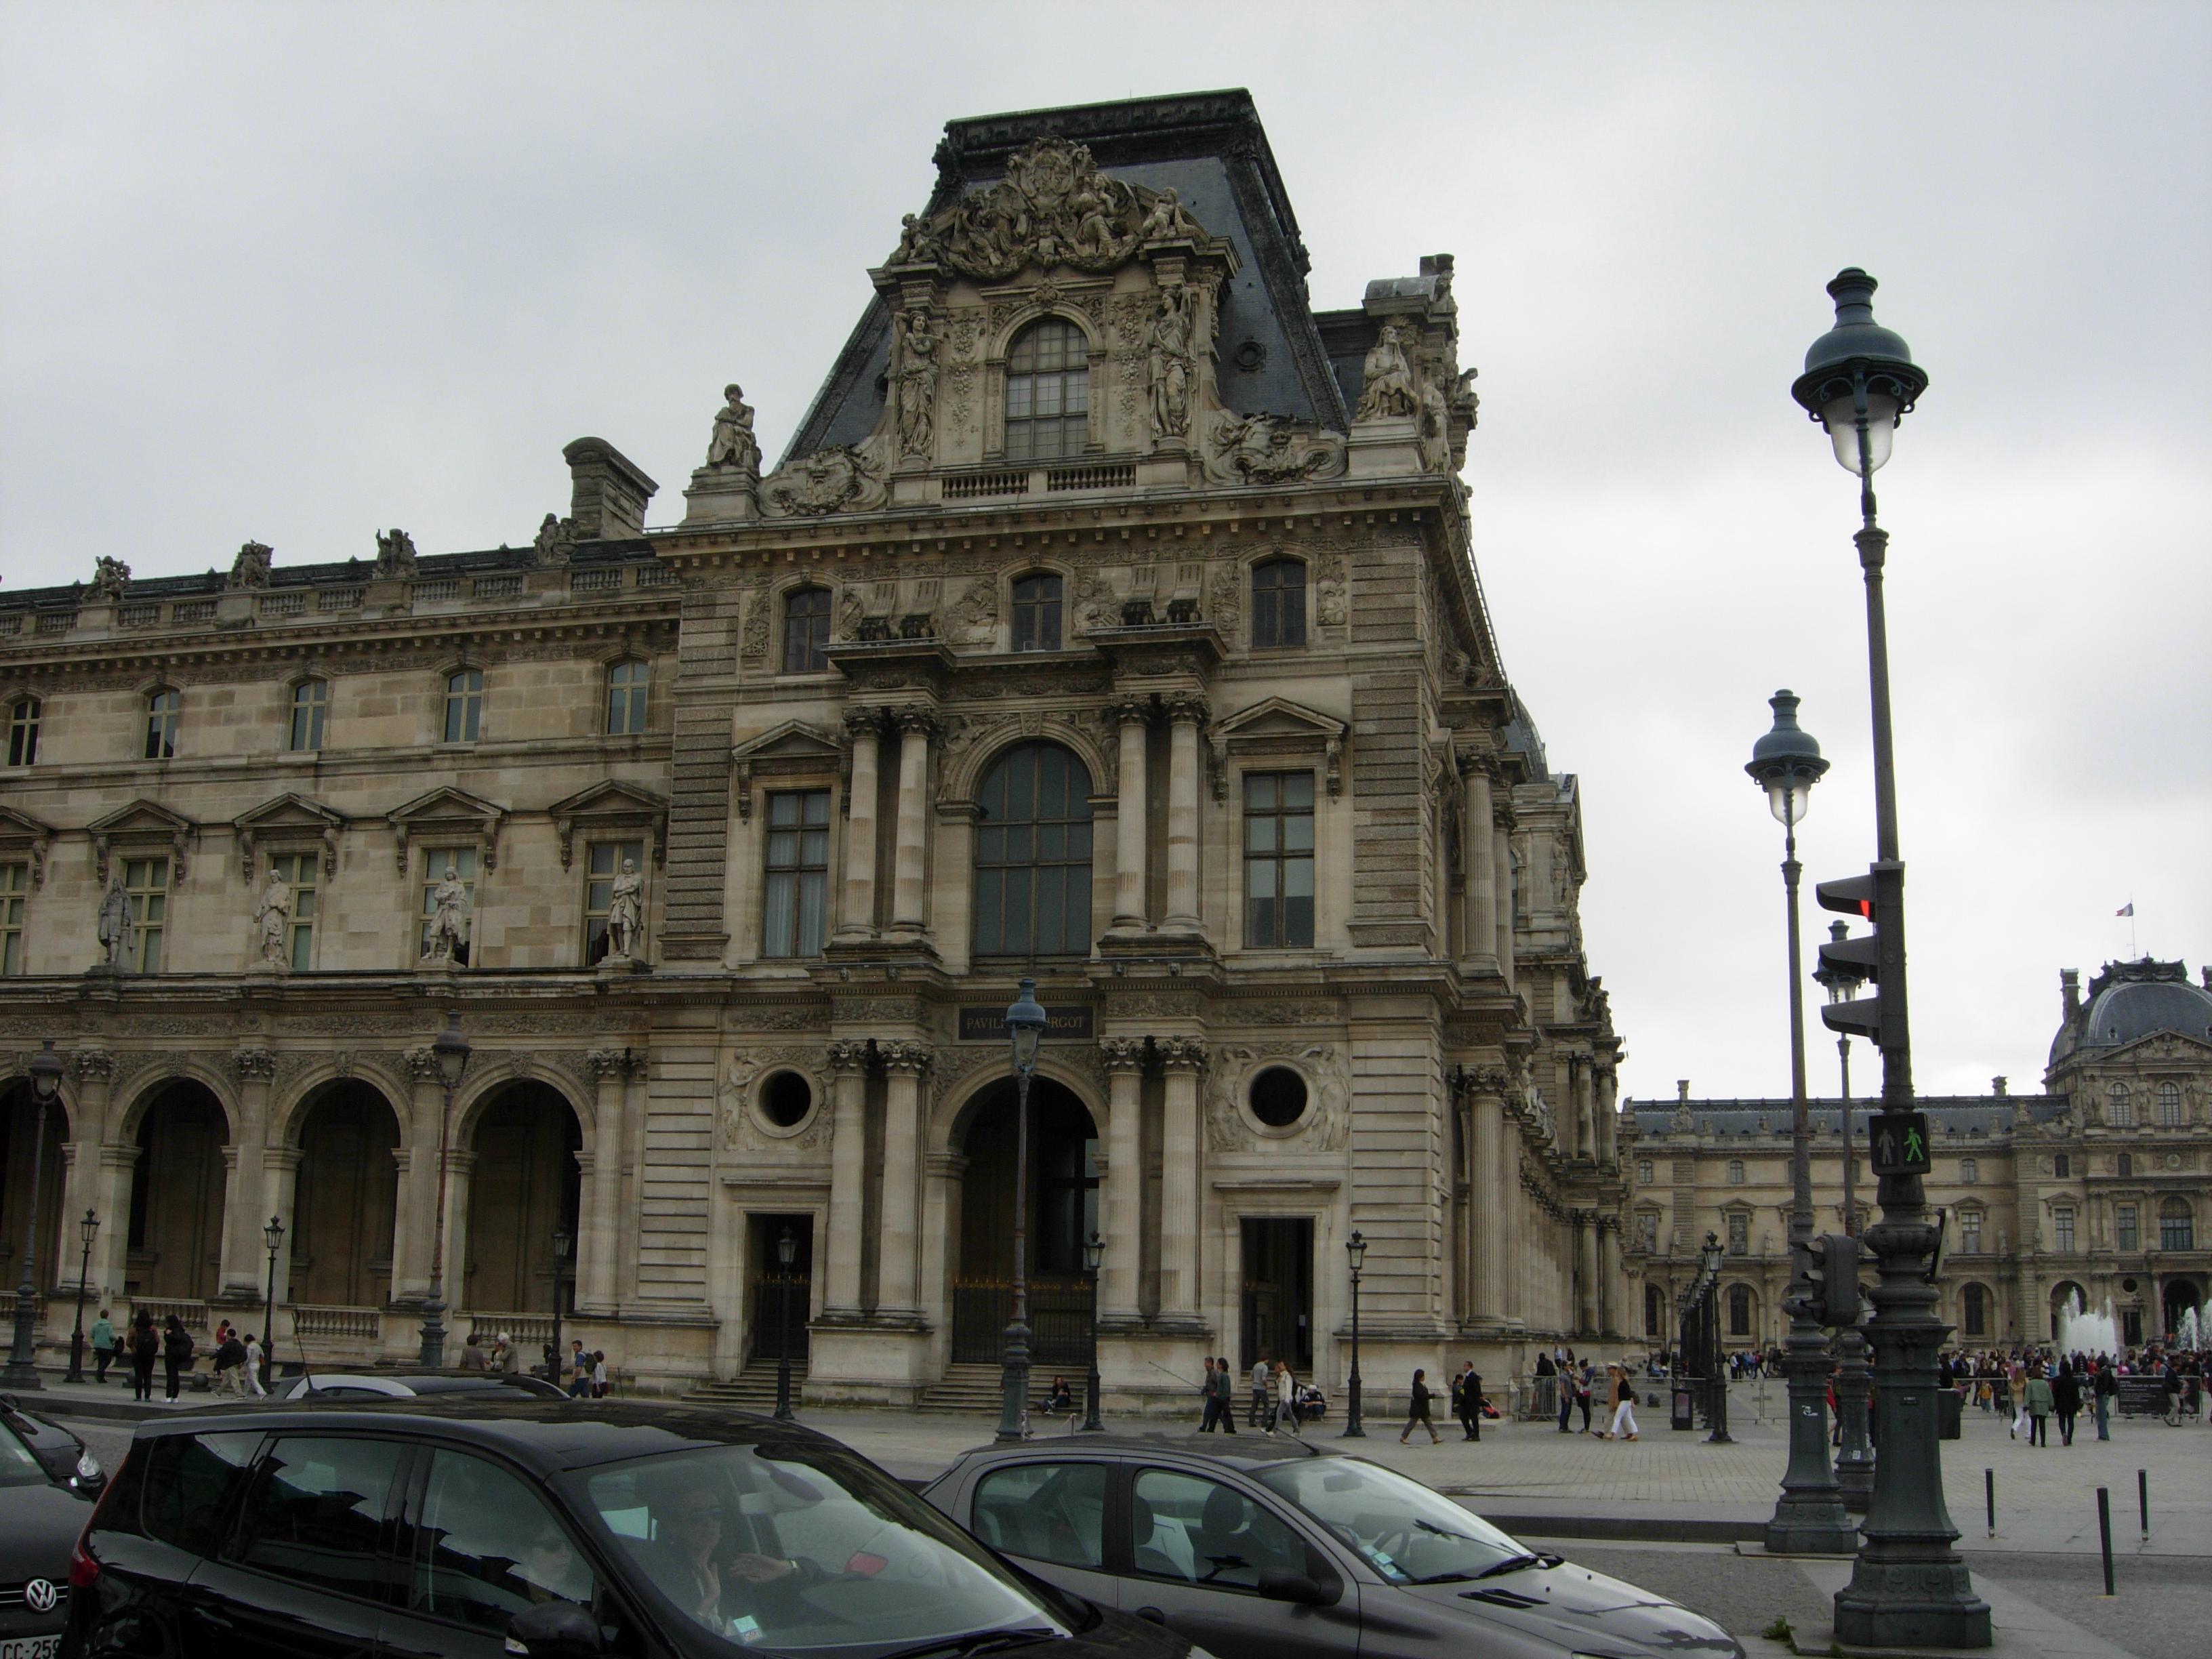 文化巴黎的魅力——卢浮宫、凯旋门……_图1-3